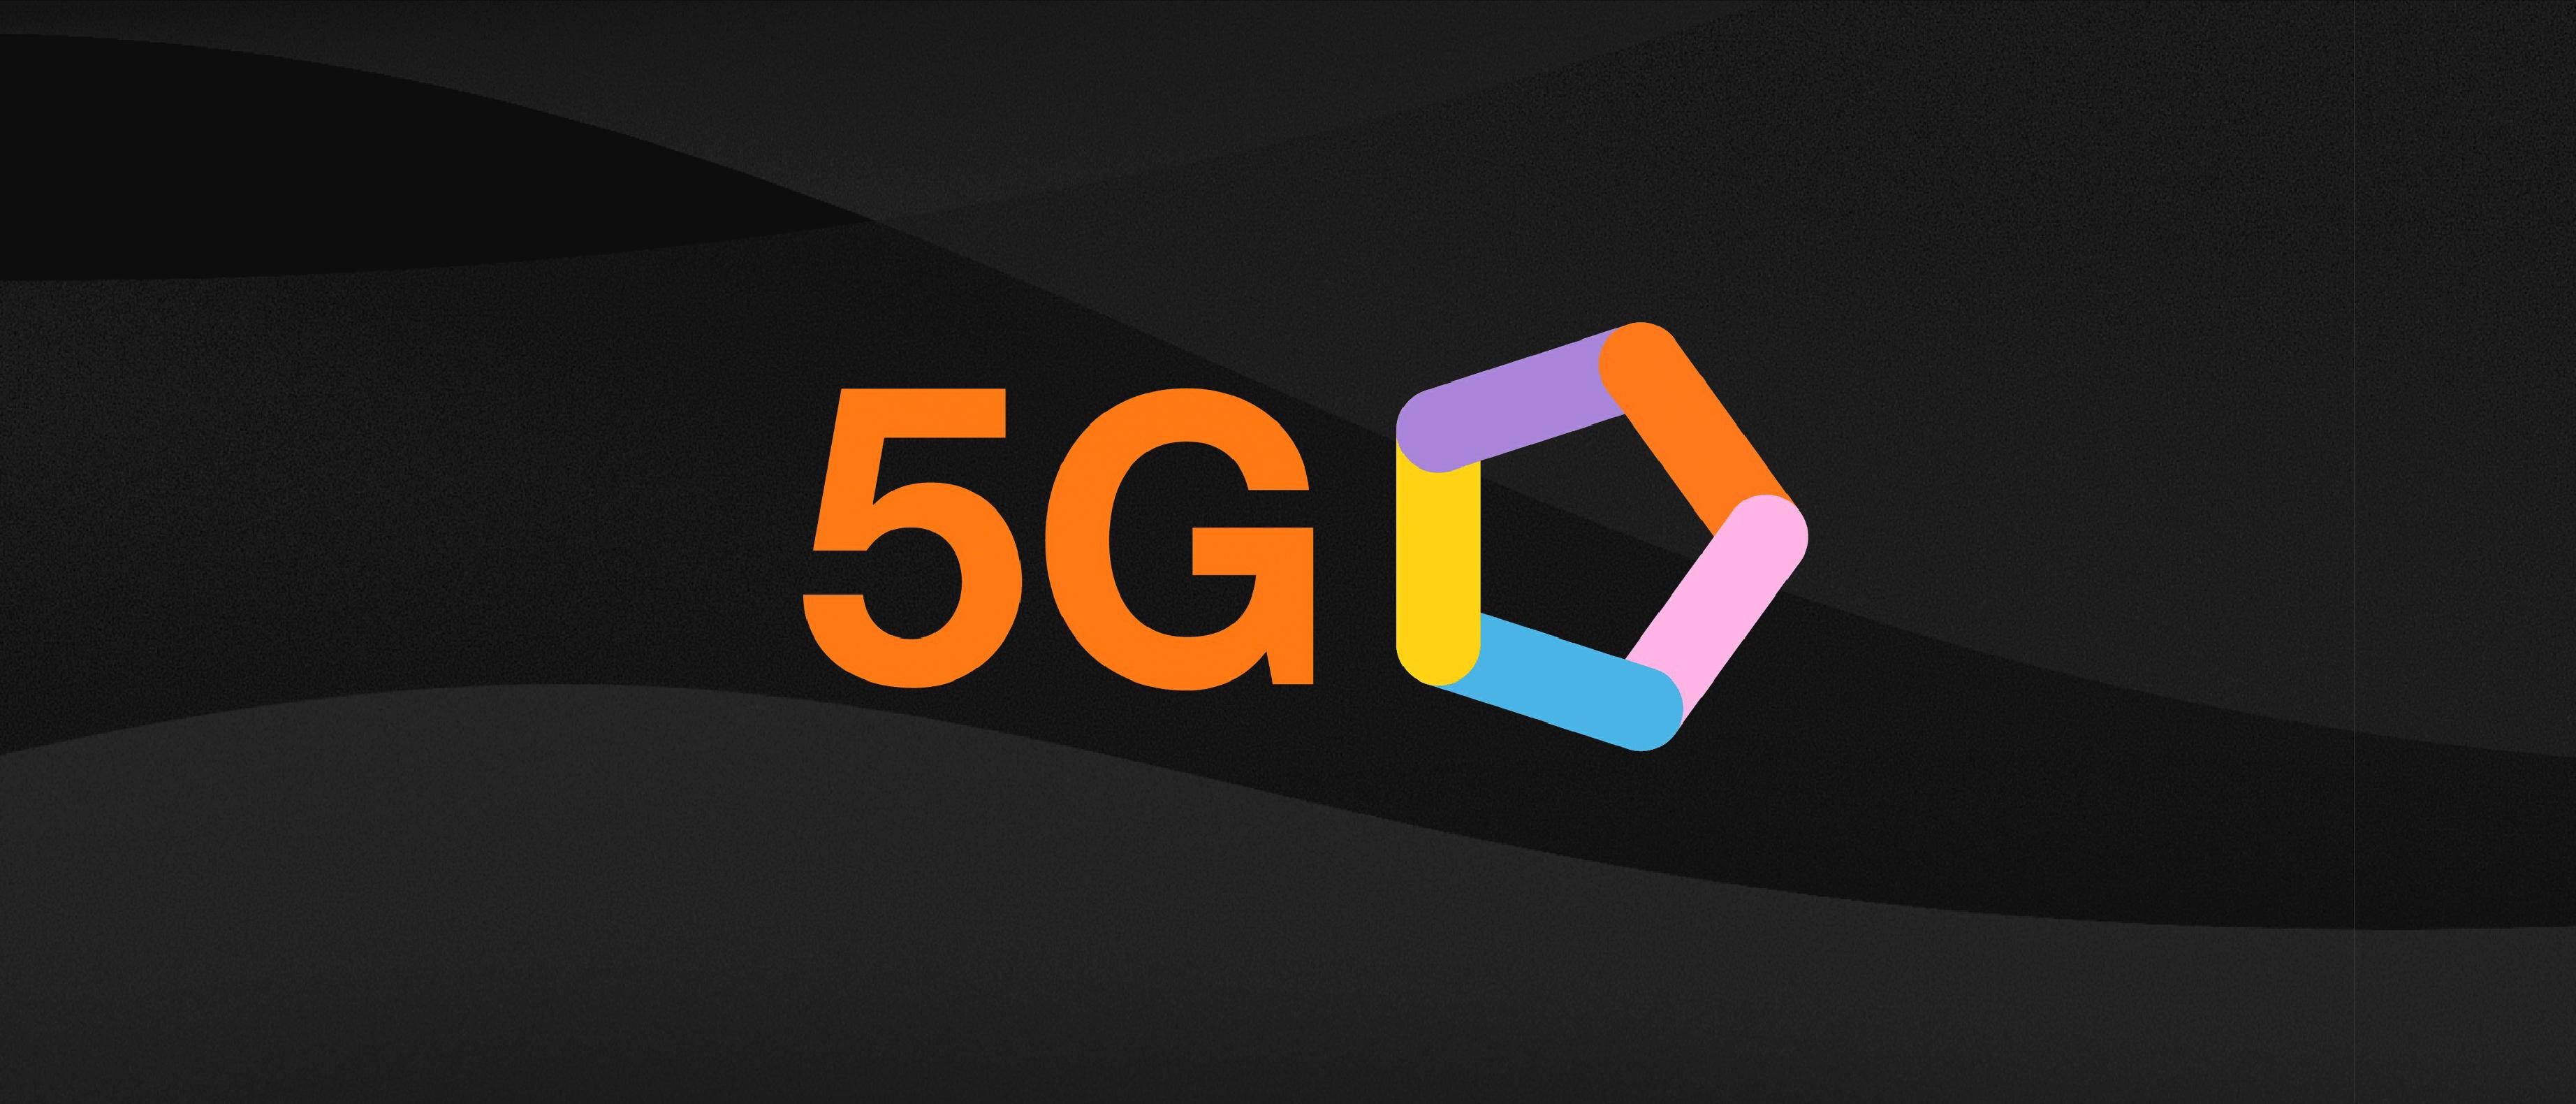 Shadow et la 5G ! Ce qu'il faut retenir du dernier événement exclusif dans ce domaine